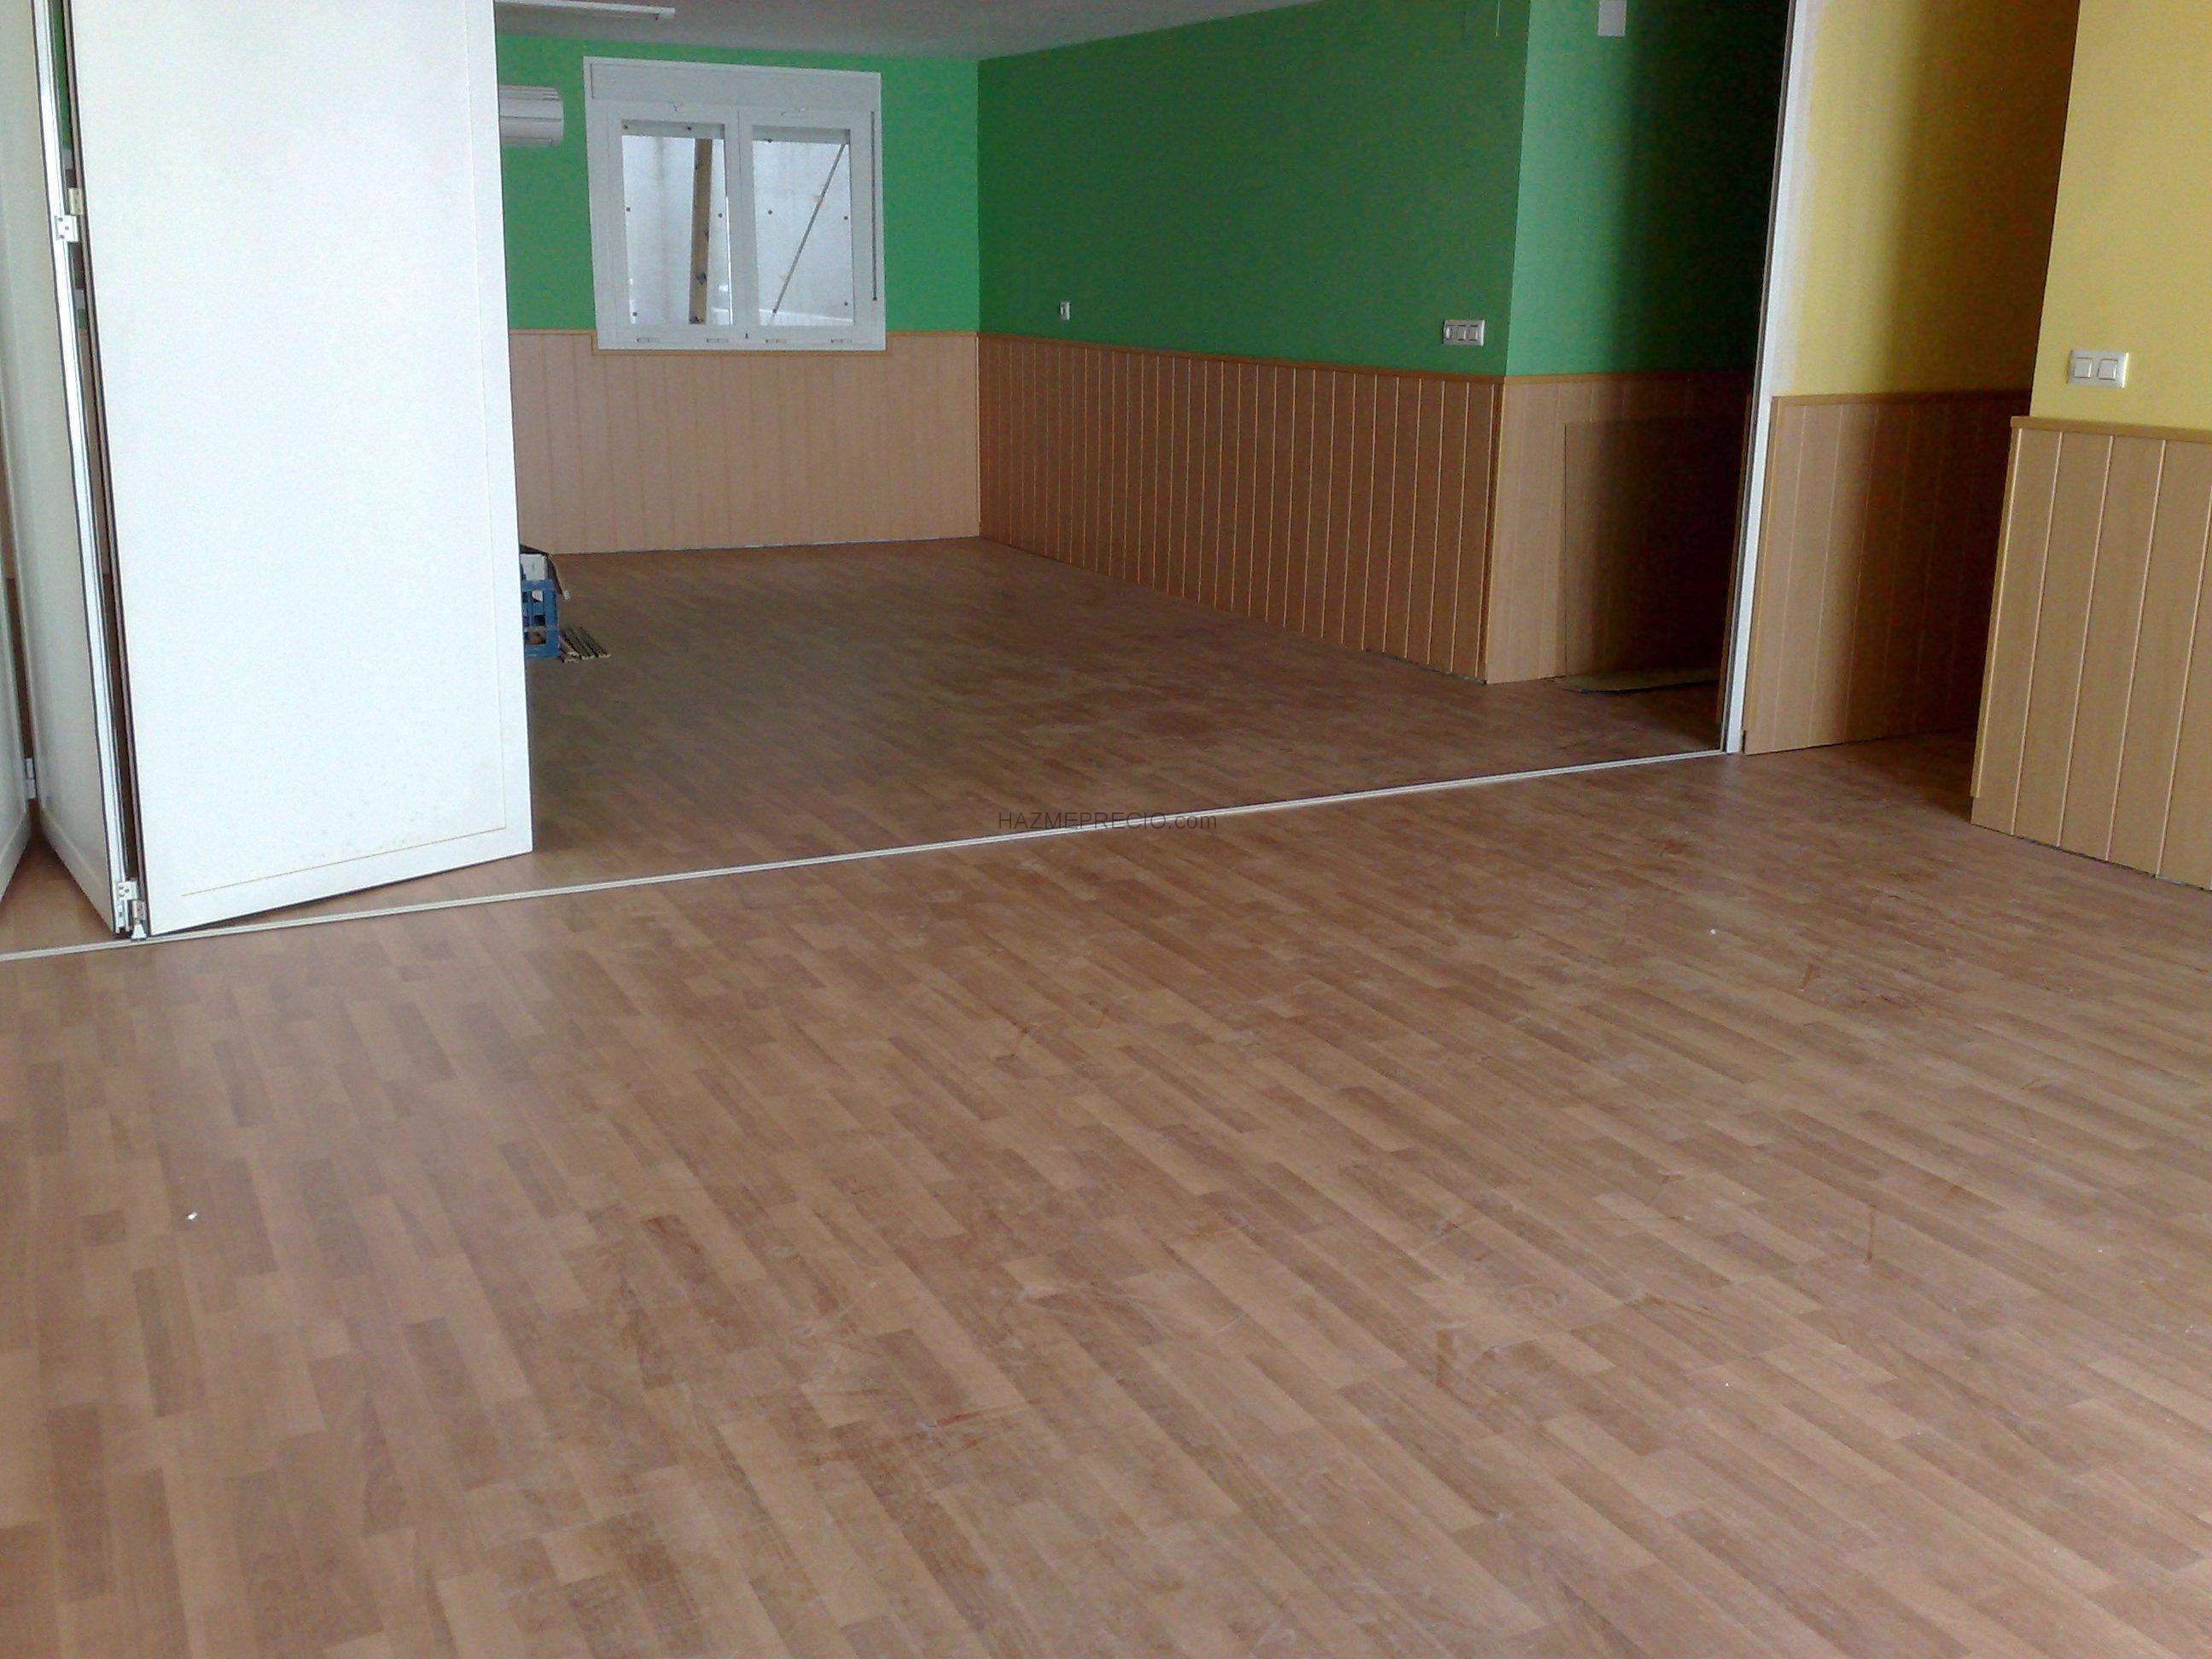 Presupuesto para poner suelo laminado en una habitaci n for Suelo laminado sevilla